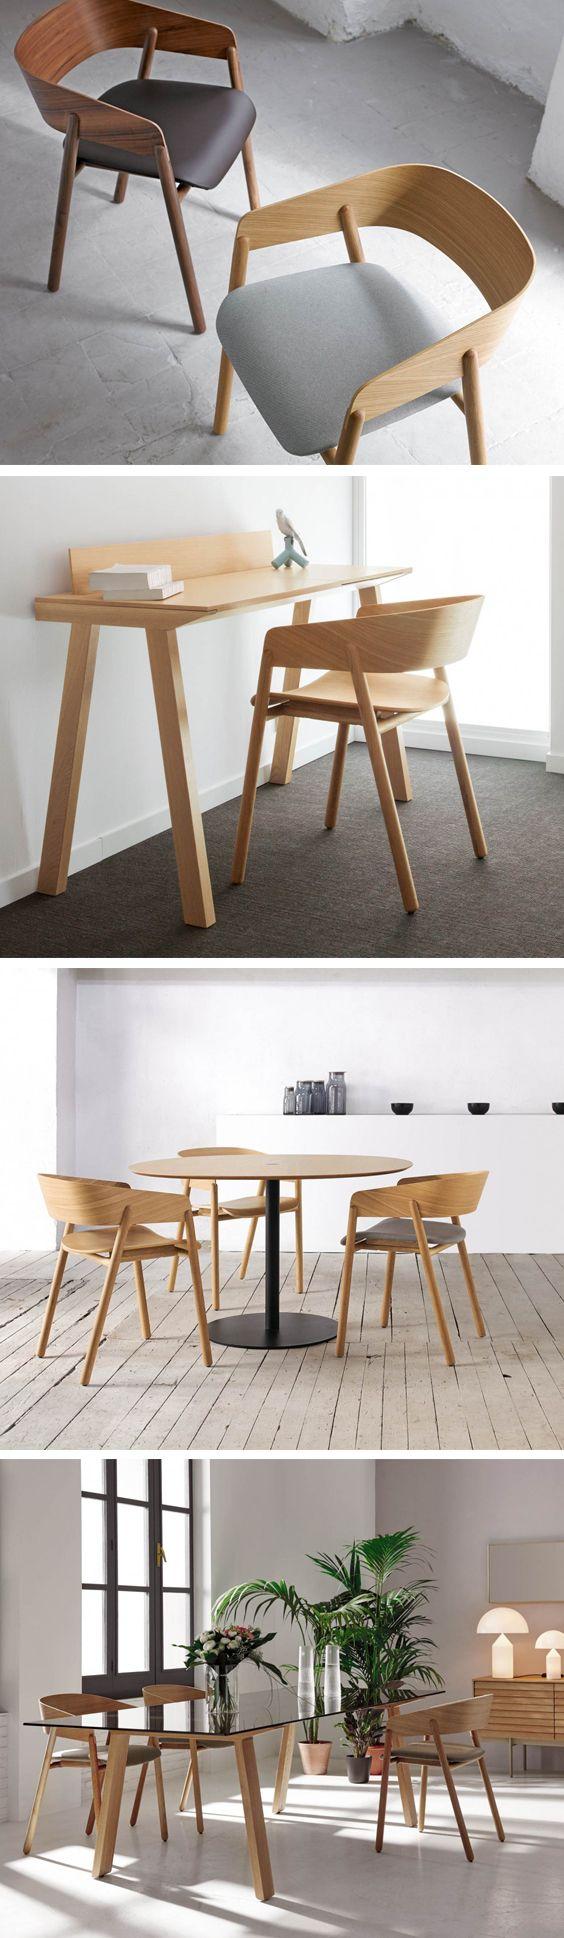 Der moderne Puntmobles Mava Massivholzstuhl mit runder Rückenlehne ist besonders minimalistisch.   #Designstuhl #Stuhl #Massivholzstuhl #Wohnzimmer #Arbeitszimmer #Küche #Esszimmer #Punt #Livarea #Design #Möbel #modern #zeitlos #einrichten #minimalistisch #Einrichtungsideen #wohntrend #Trend #wohnideen